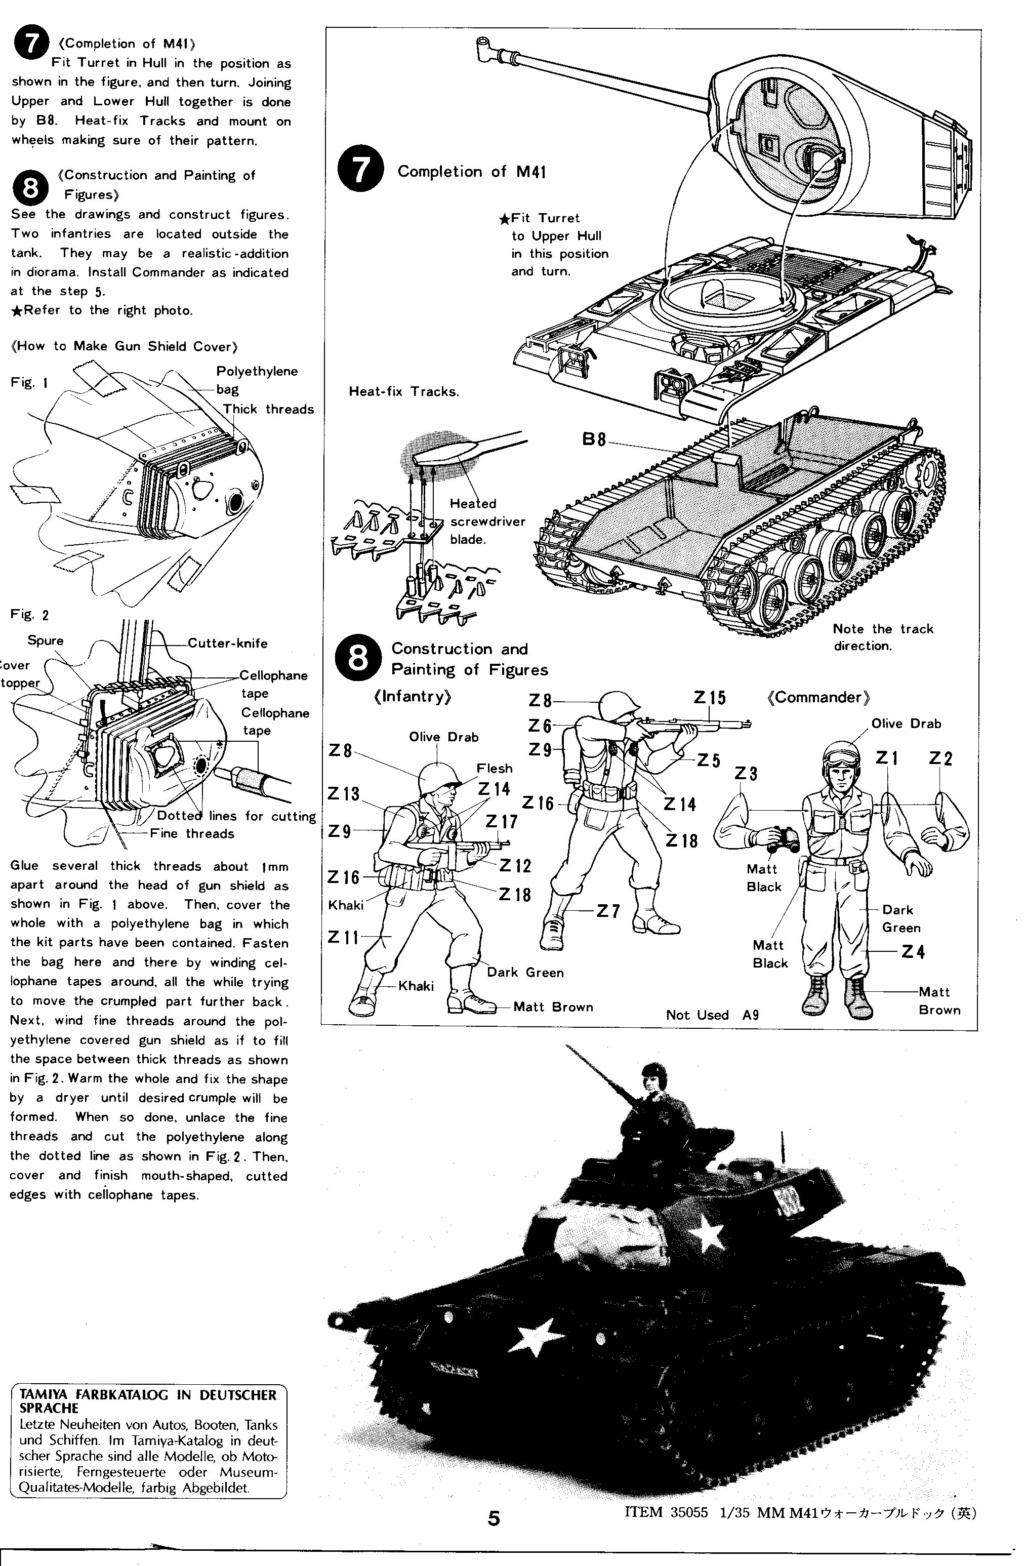 [TAMIYA] M41 WALKER BULLDOG  1/35 - REF : 35055 - NOTICE Maque359